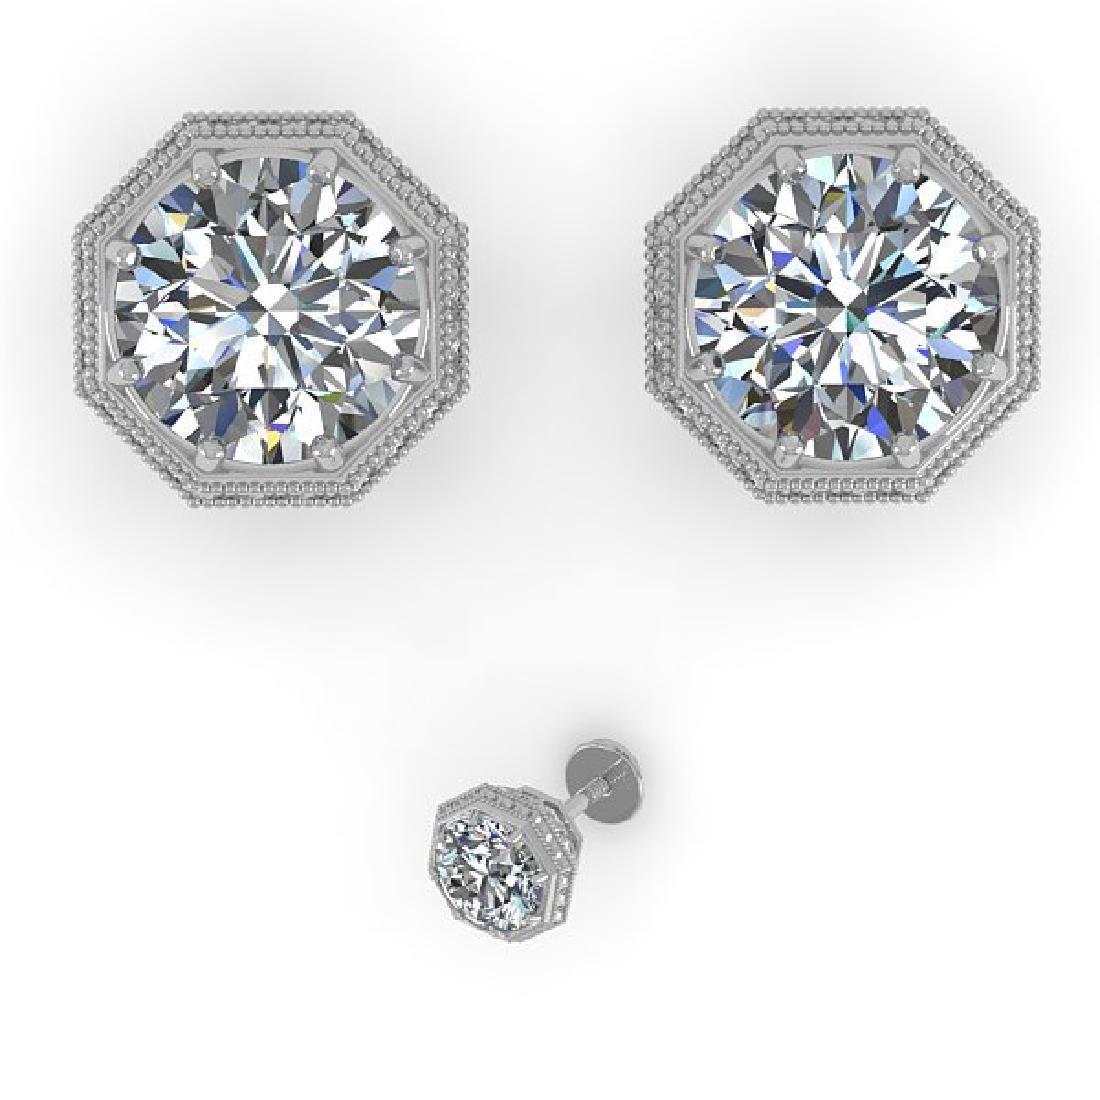 1.50 CTW Certified VS/SI Diamond Stud Earrings 14K - 2